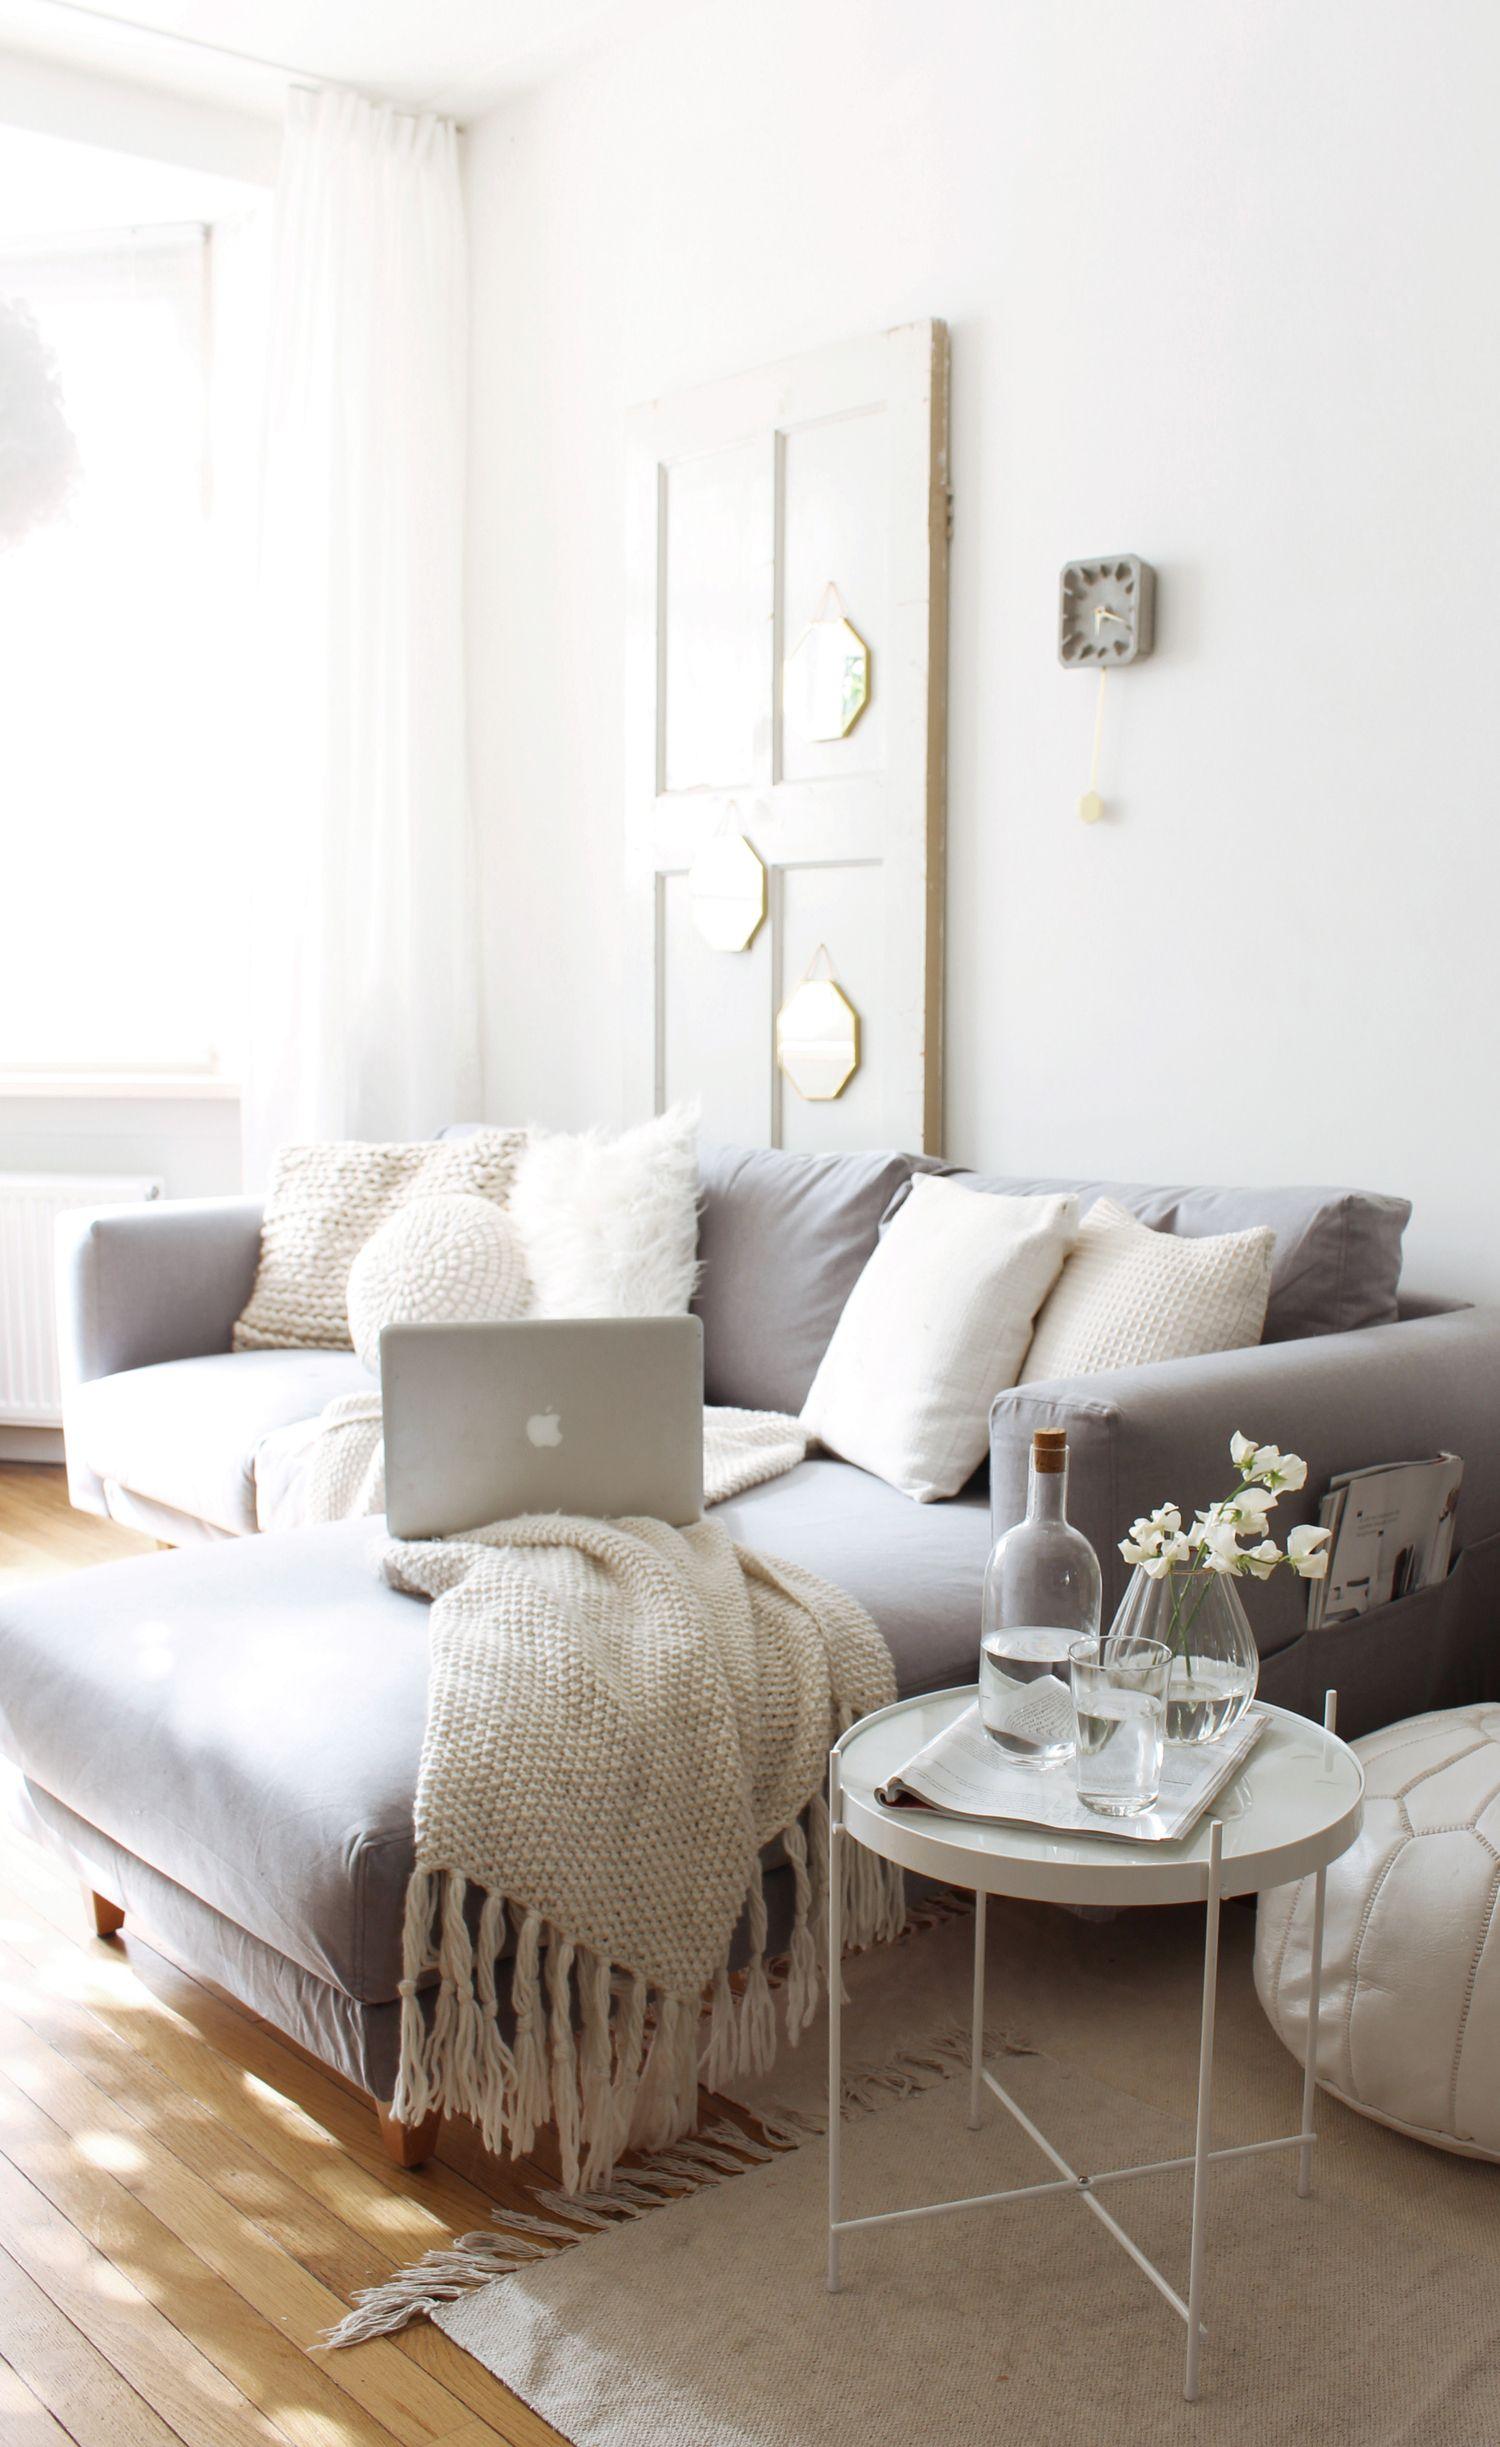 Elegant Blog # 45 Weiß Von Einfach Bis Luxuriös Grau: Neue Sofa Schutzhülle über  Comfort Works